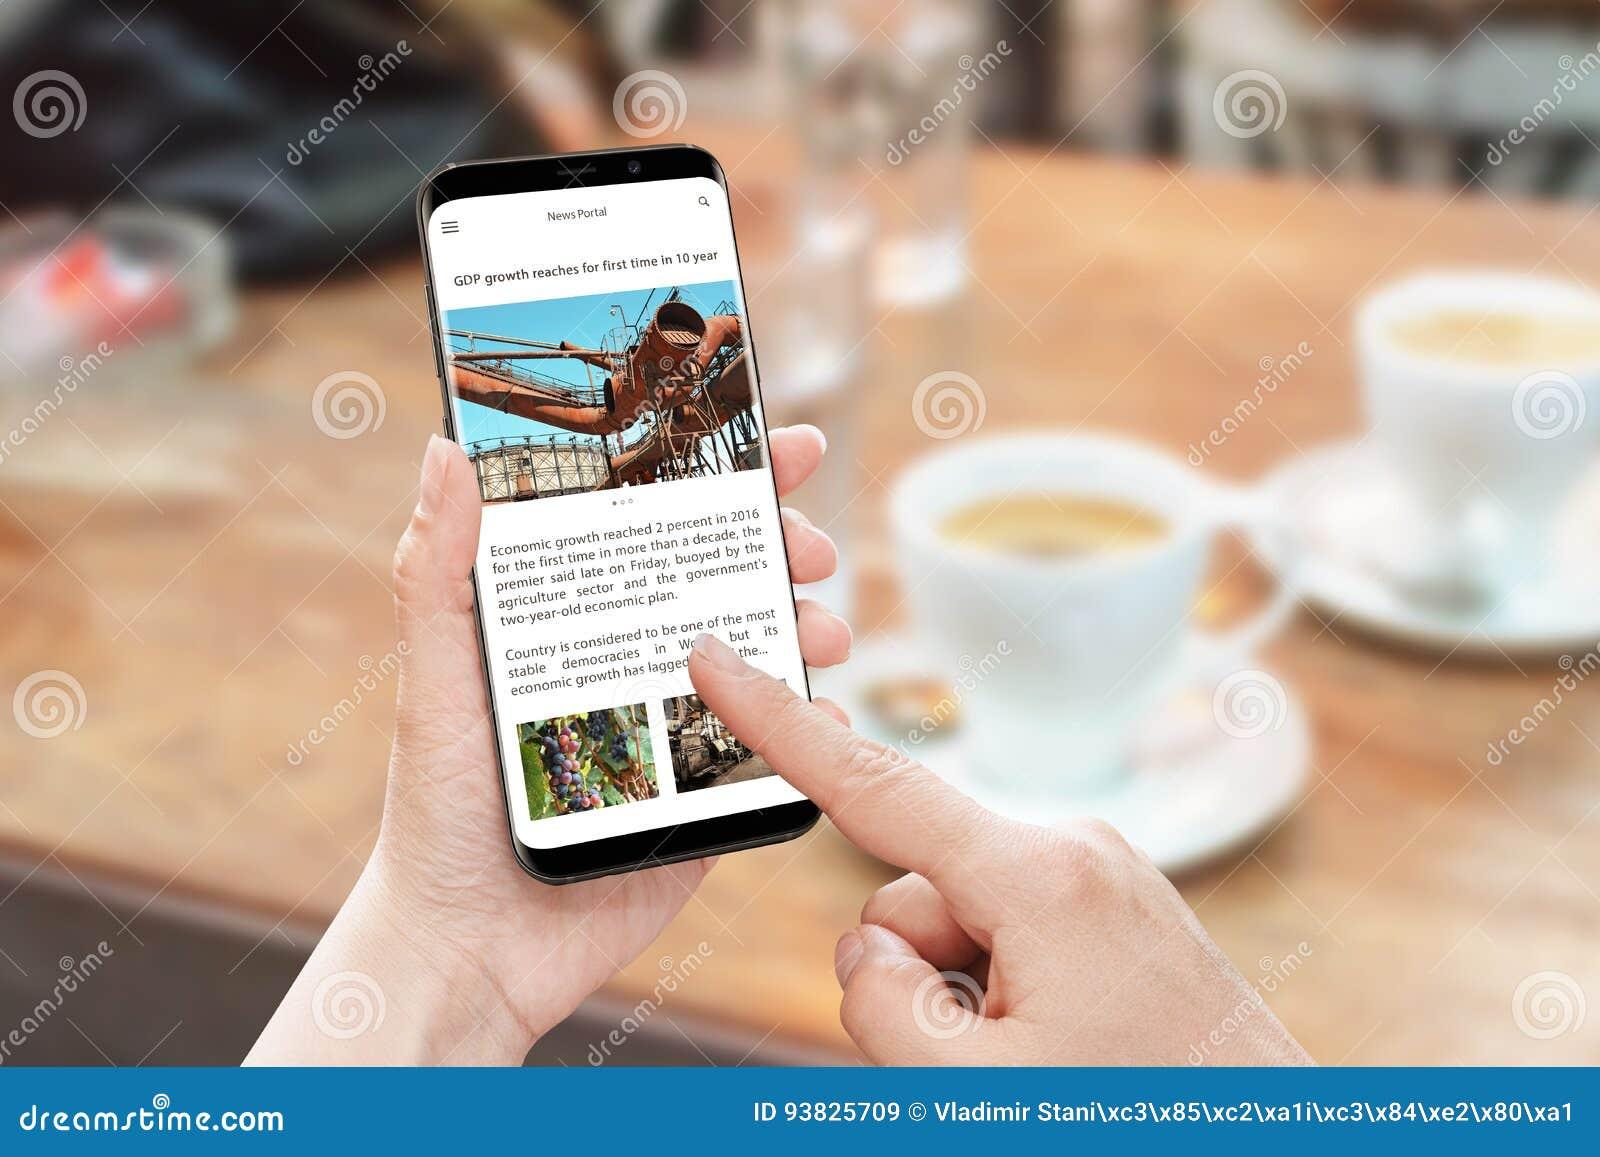 Lees nieuwsartikel met slimme telefoon Nieuws poortwebsite met bedrijfsinformatie